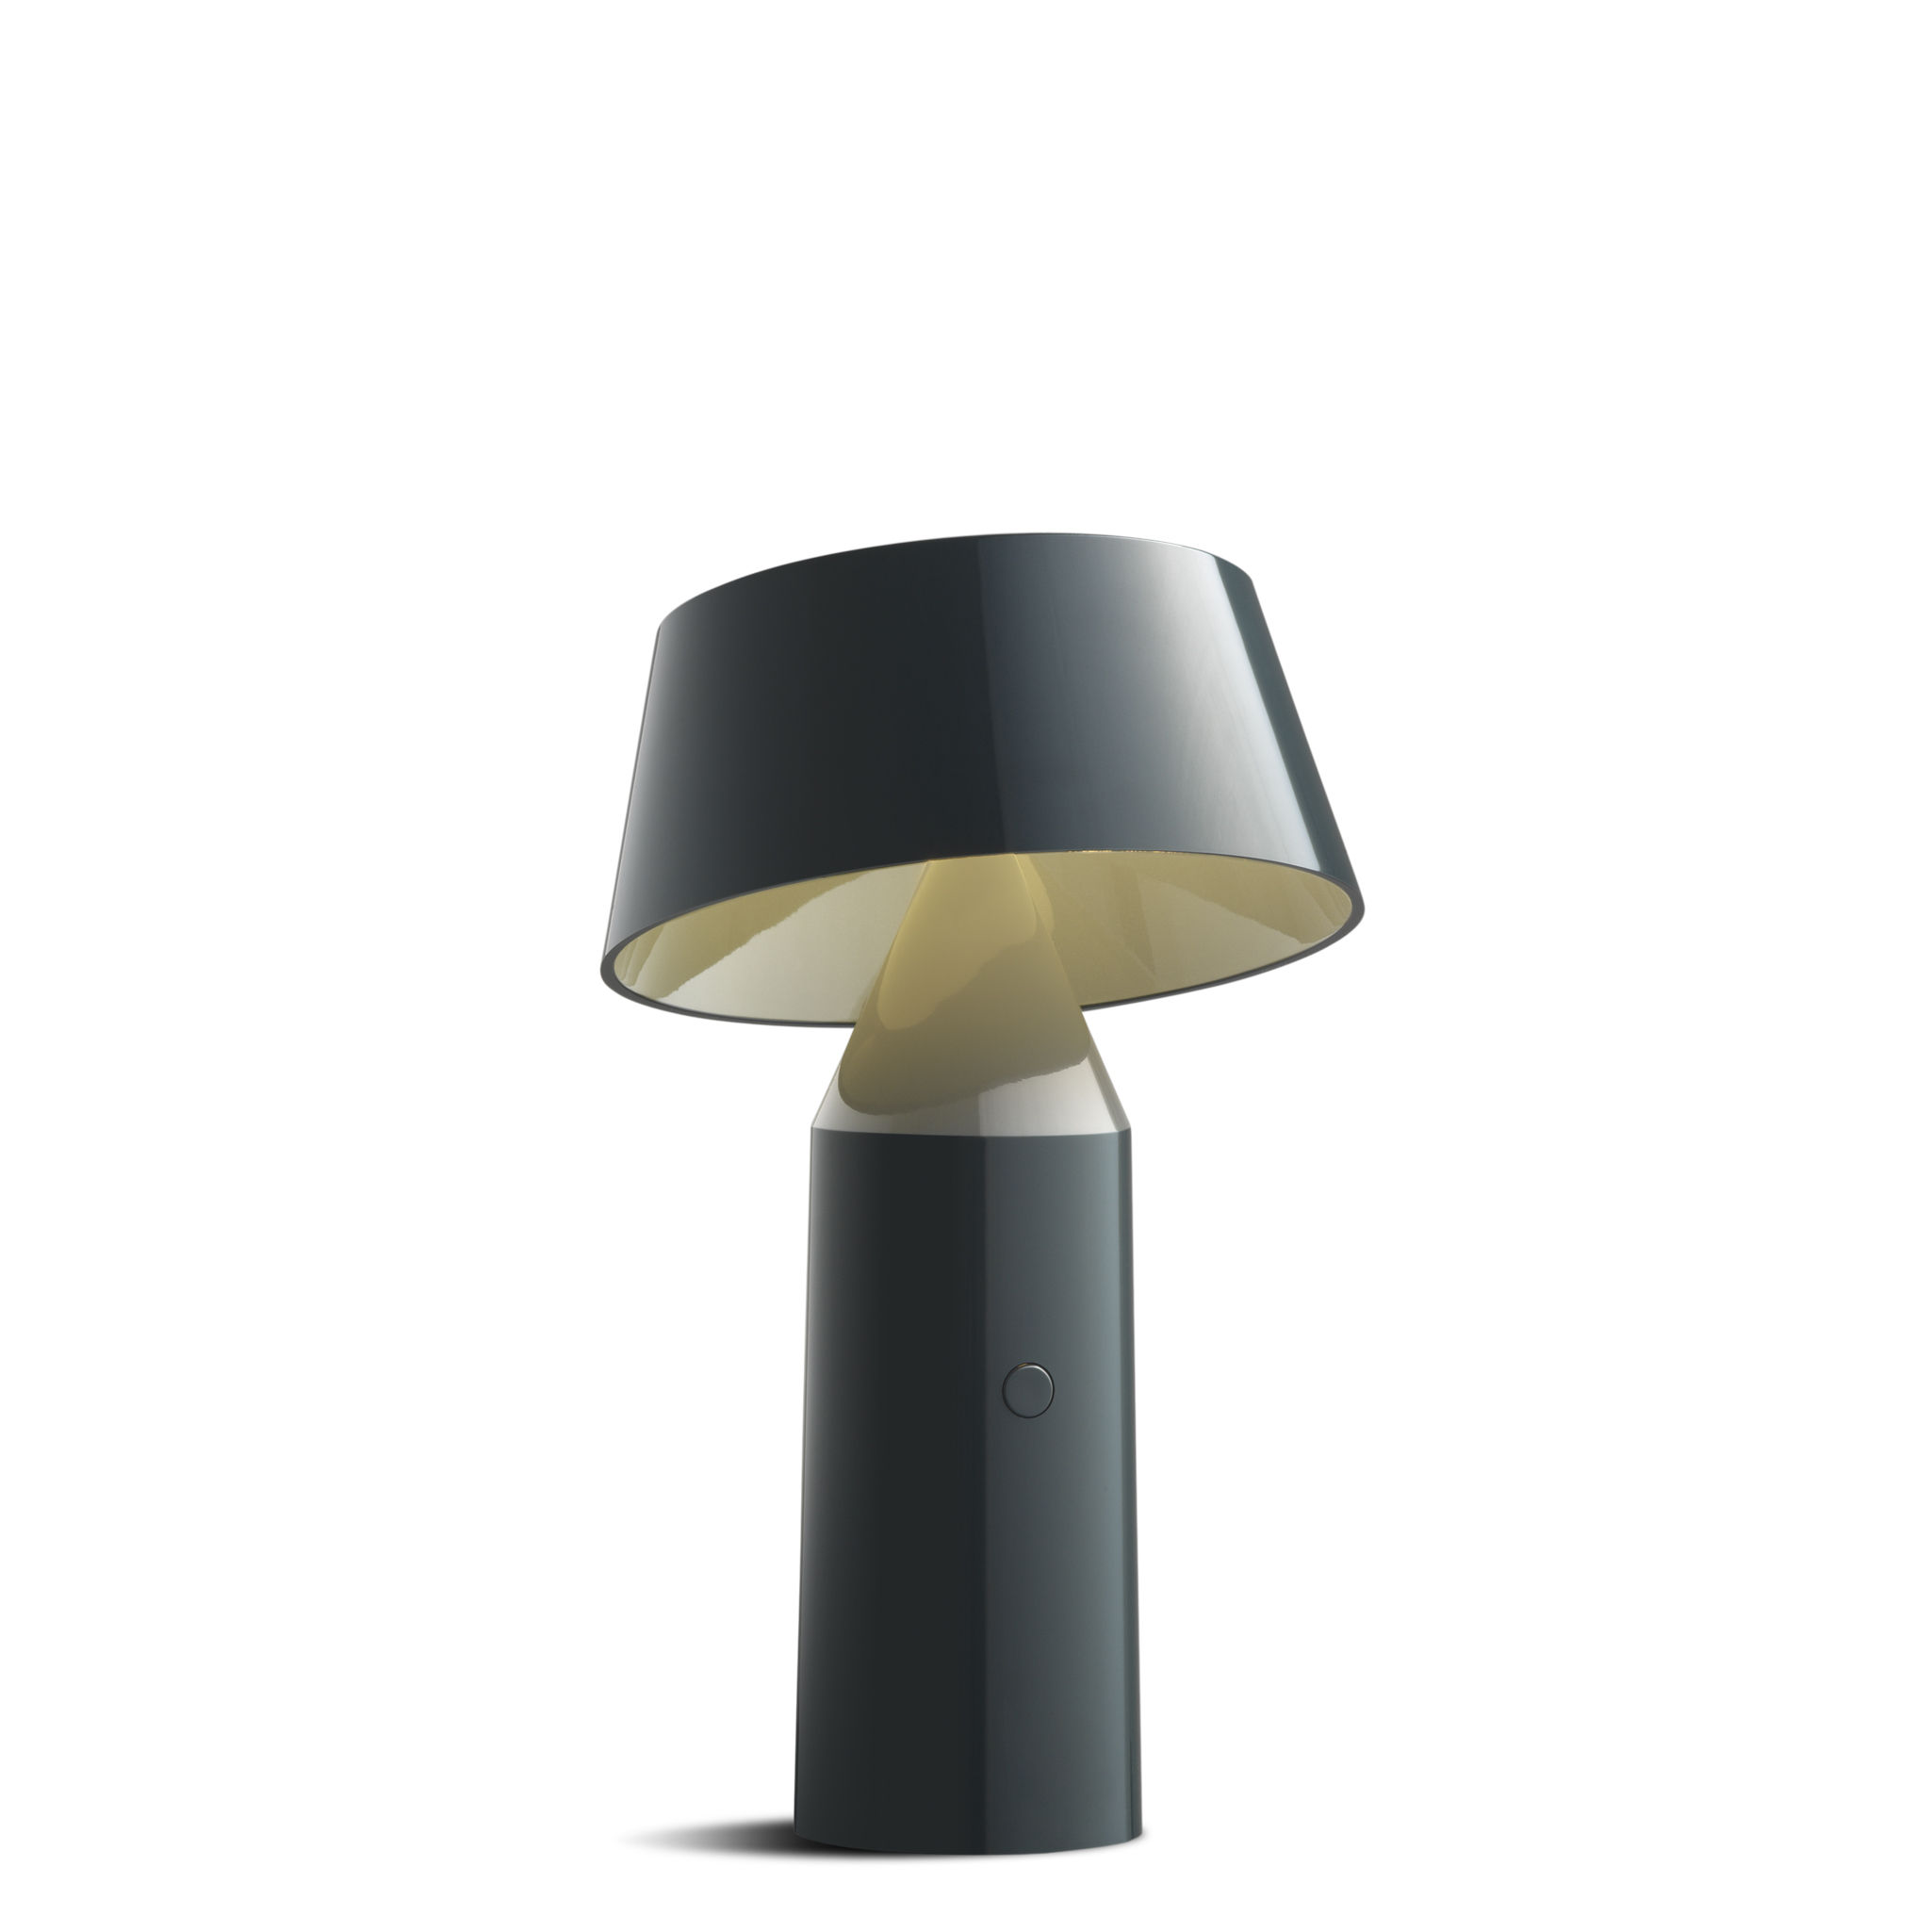 bicoca lampe ohne kabel anthrazit by marset made in design. Black Bedroom Furniture Sets. Home Design Ideas